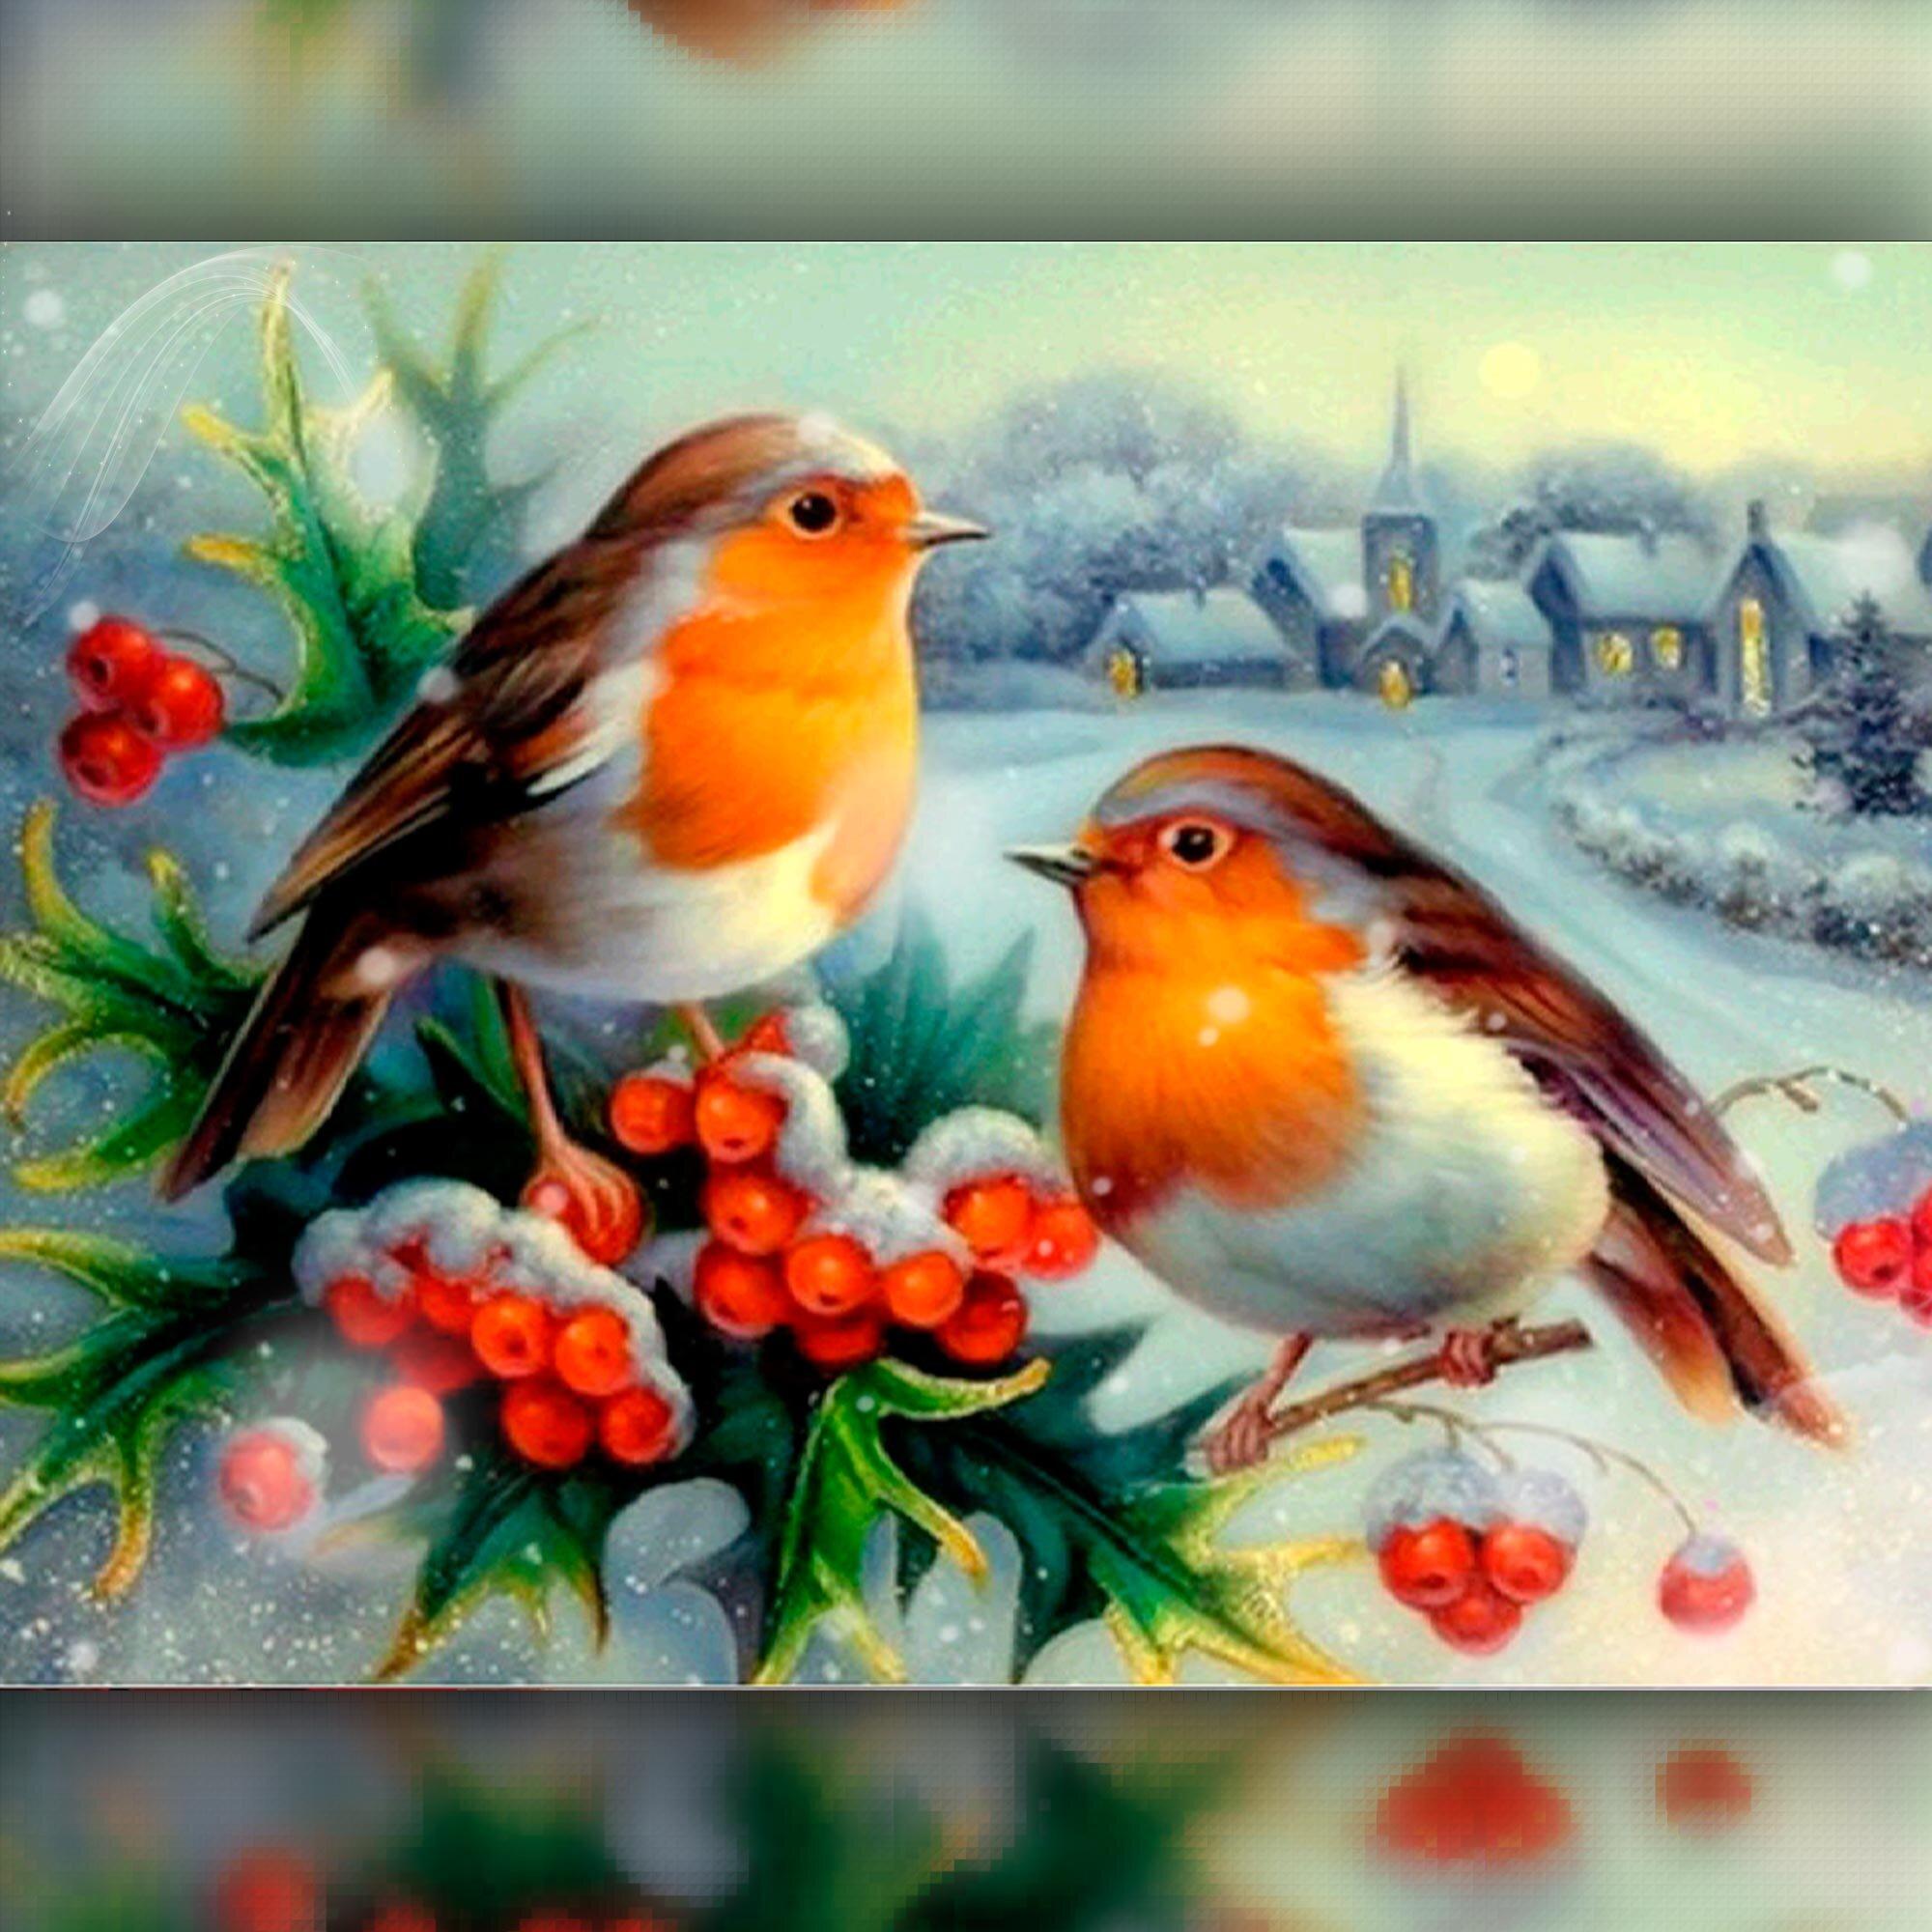 Смотреть старые открытки снегири на рябине красивые и новогодние, поздравления сдачей экзамена